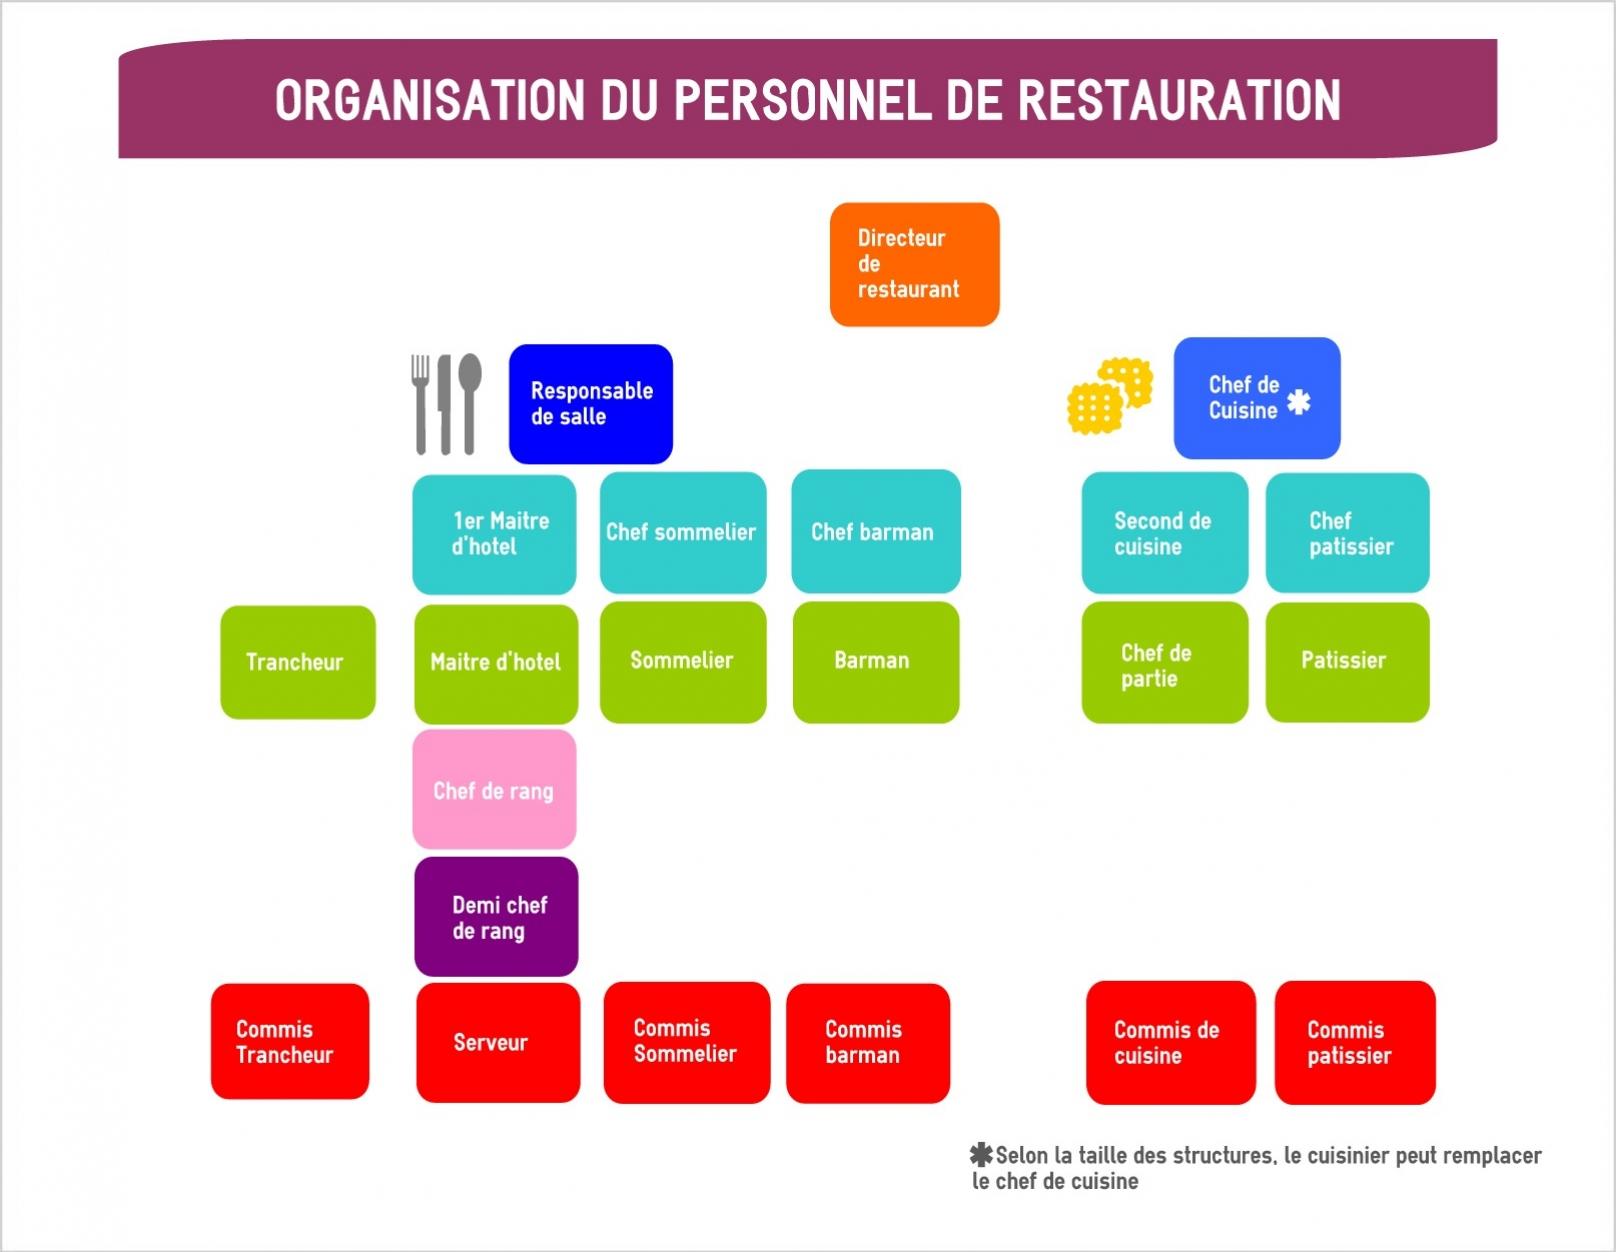 Organigramme mon serveur for Offre d emploi commis de cuisine paris